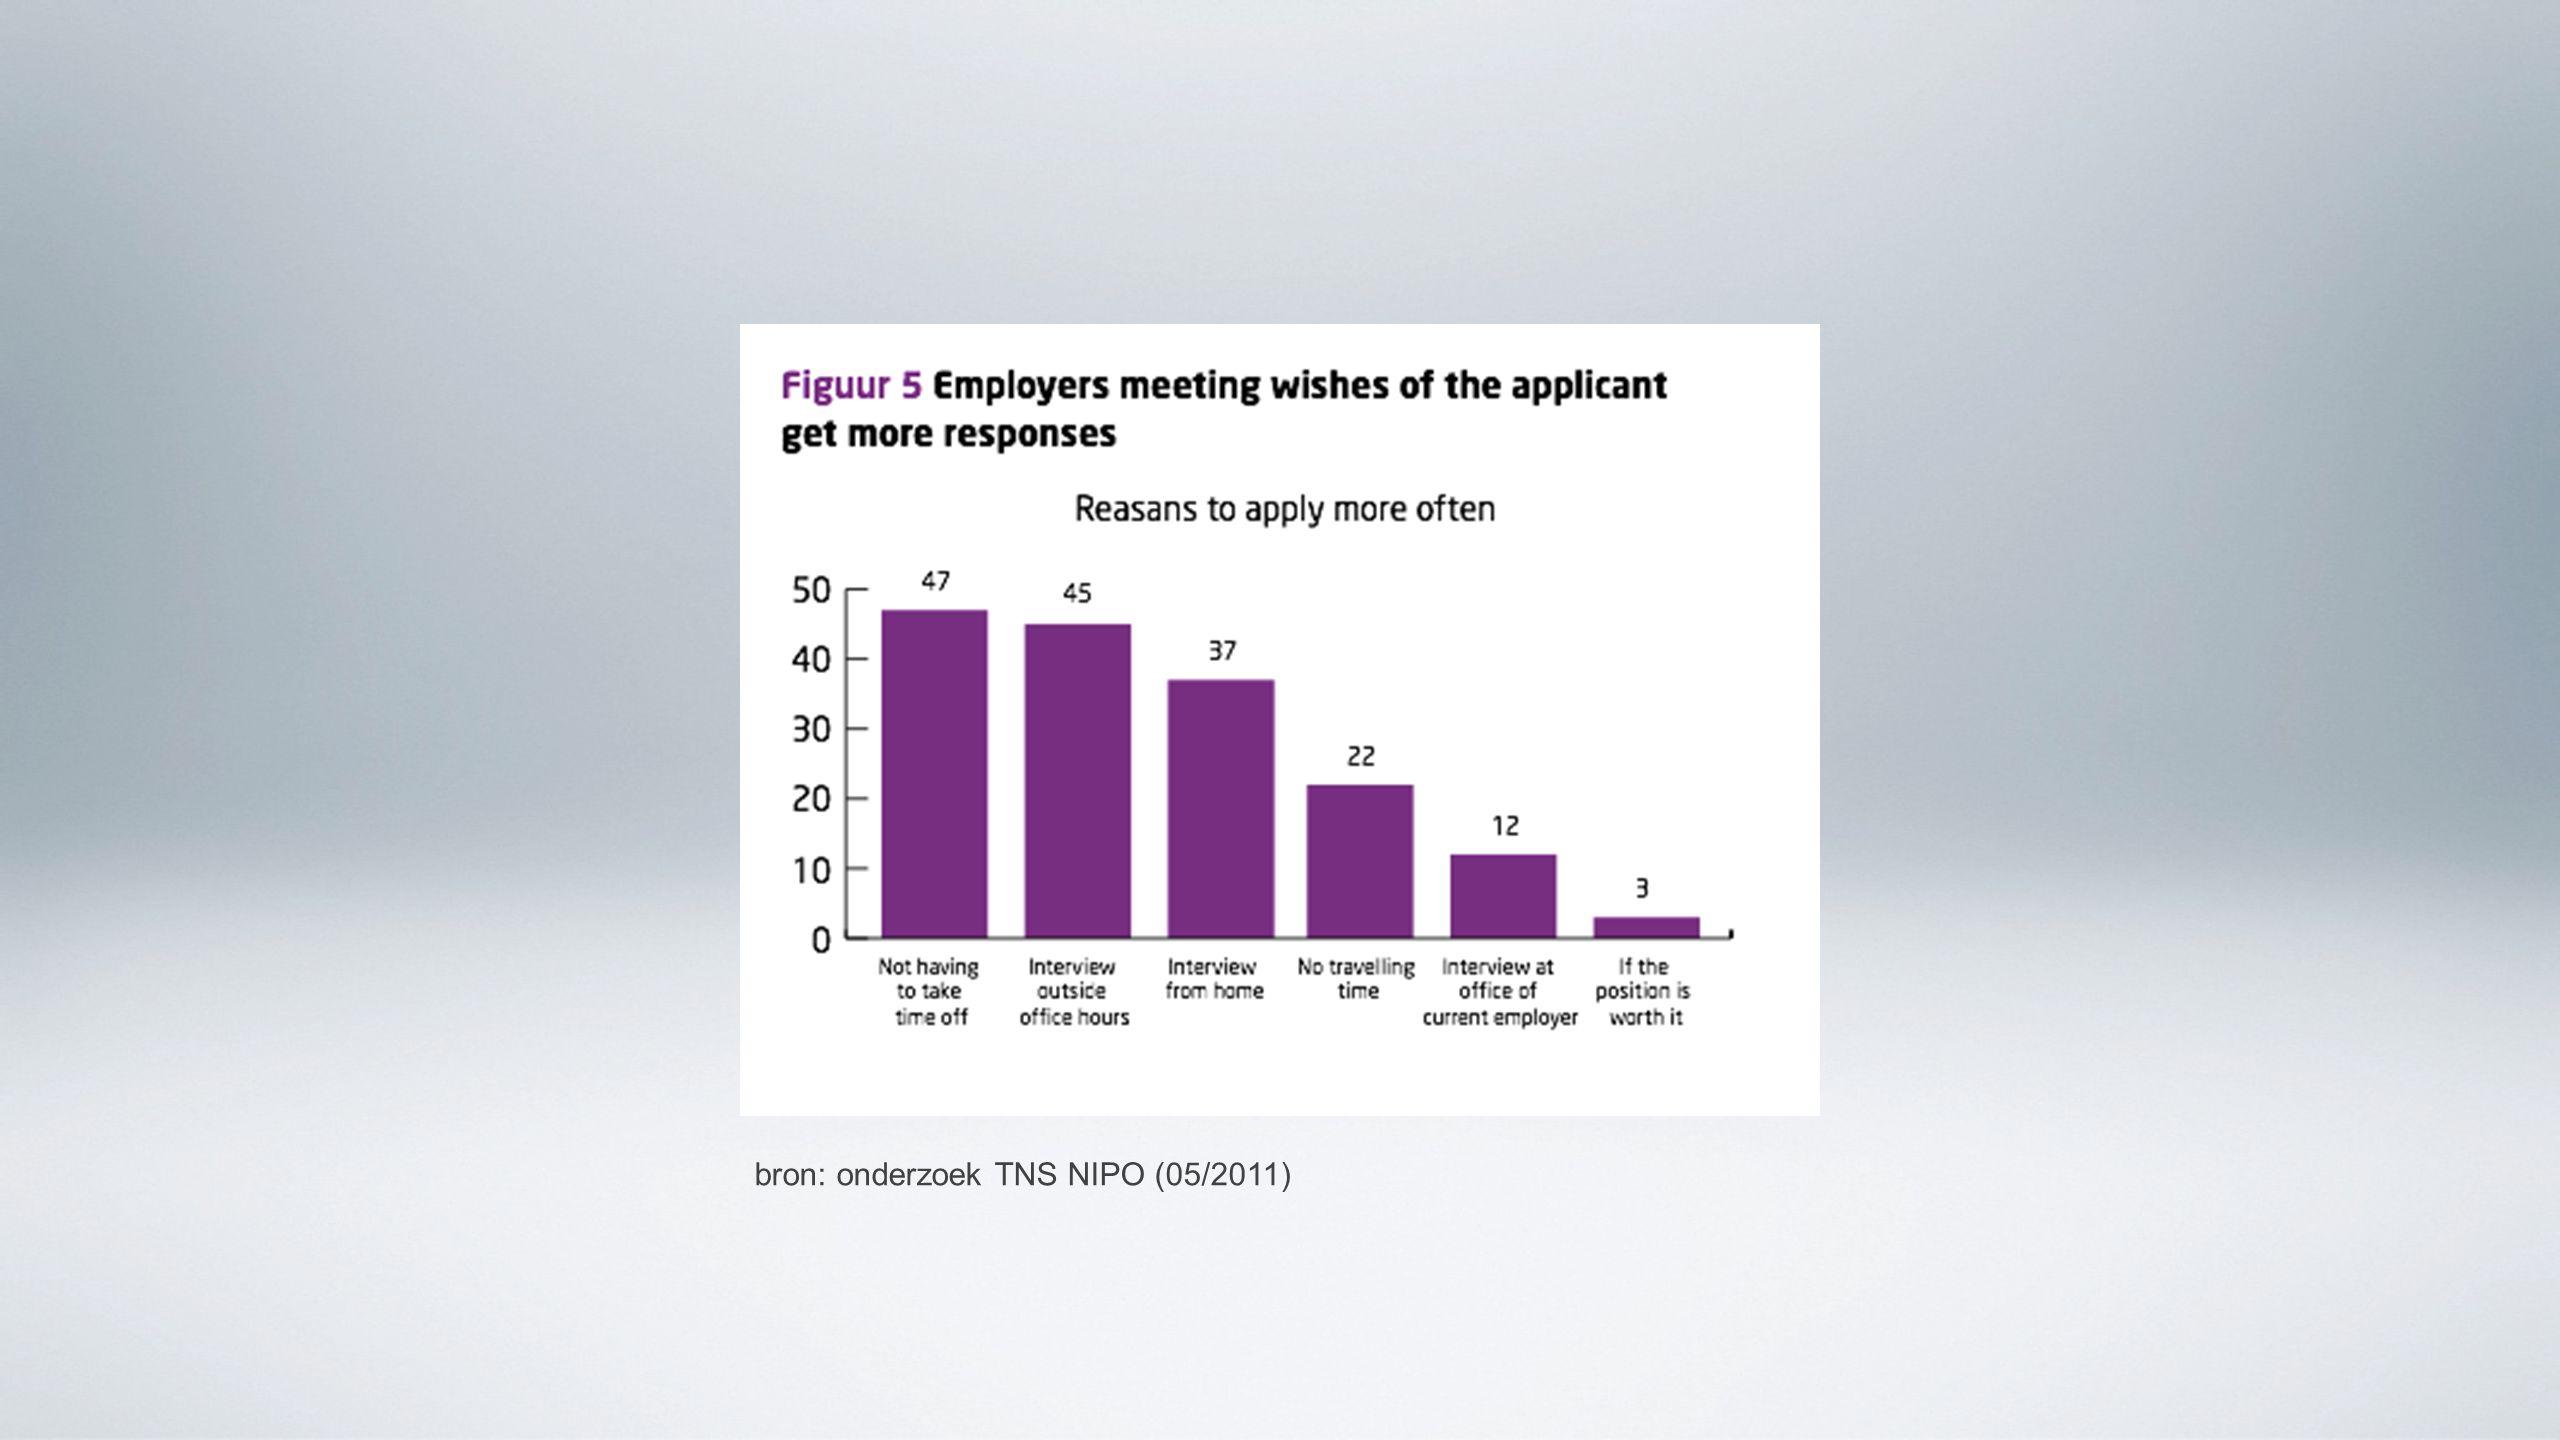 bron: onderzoek TNS NIPO (05/2011)